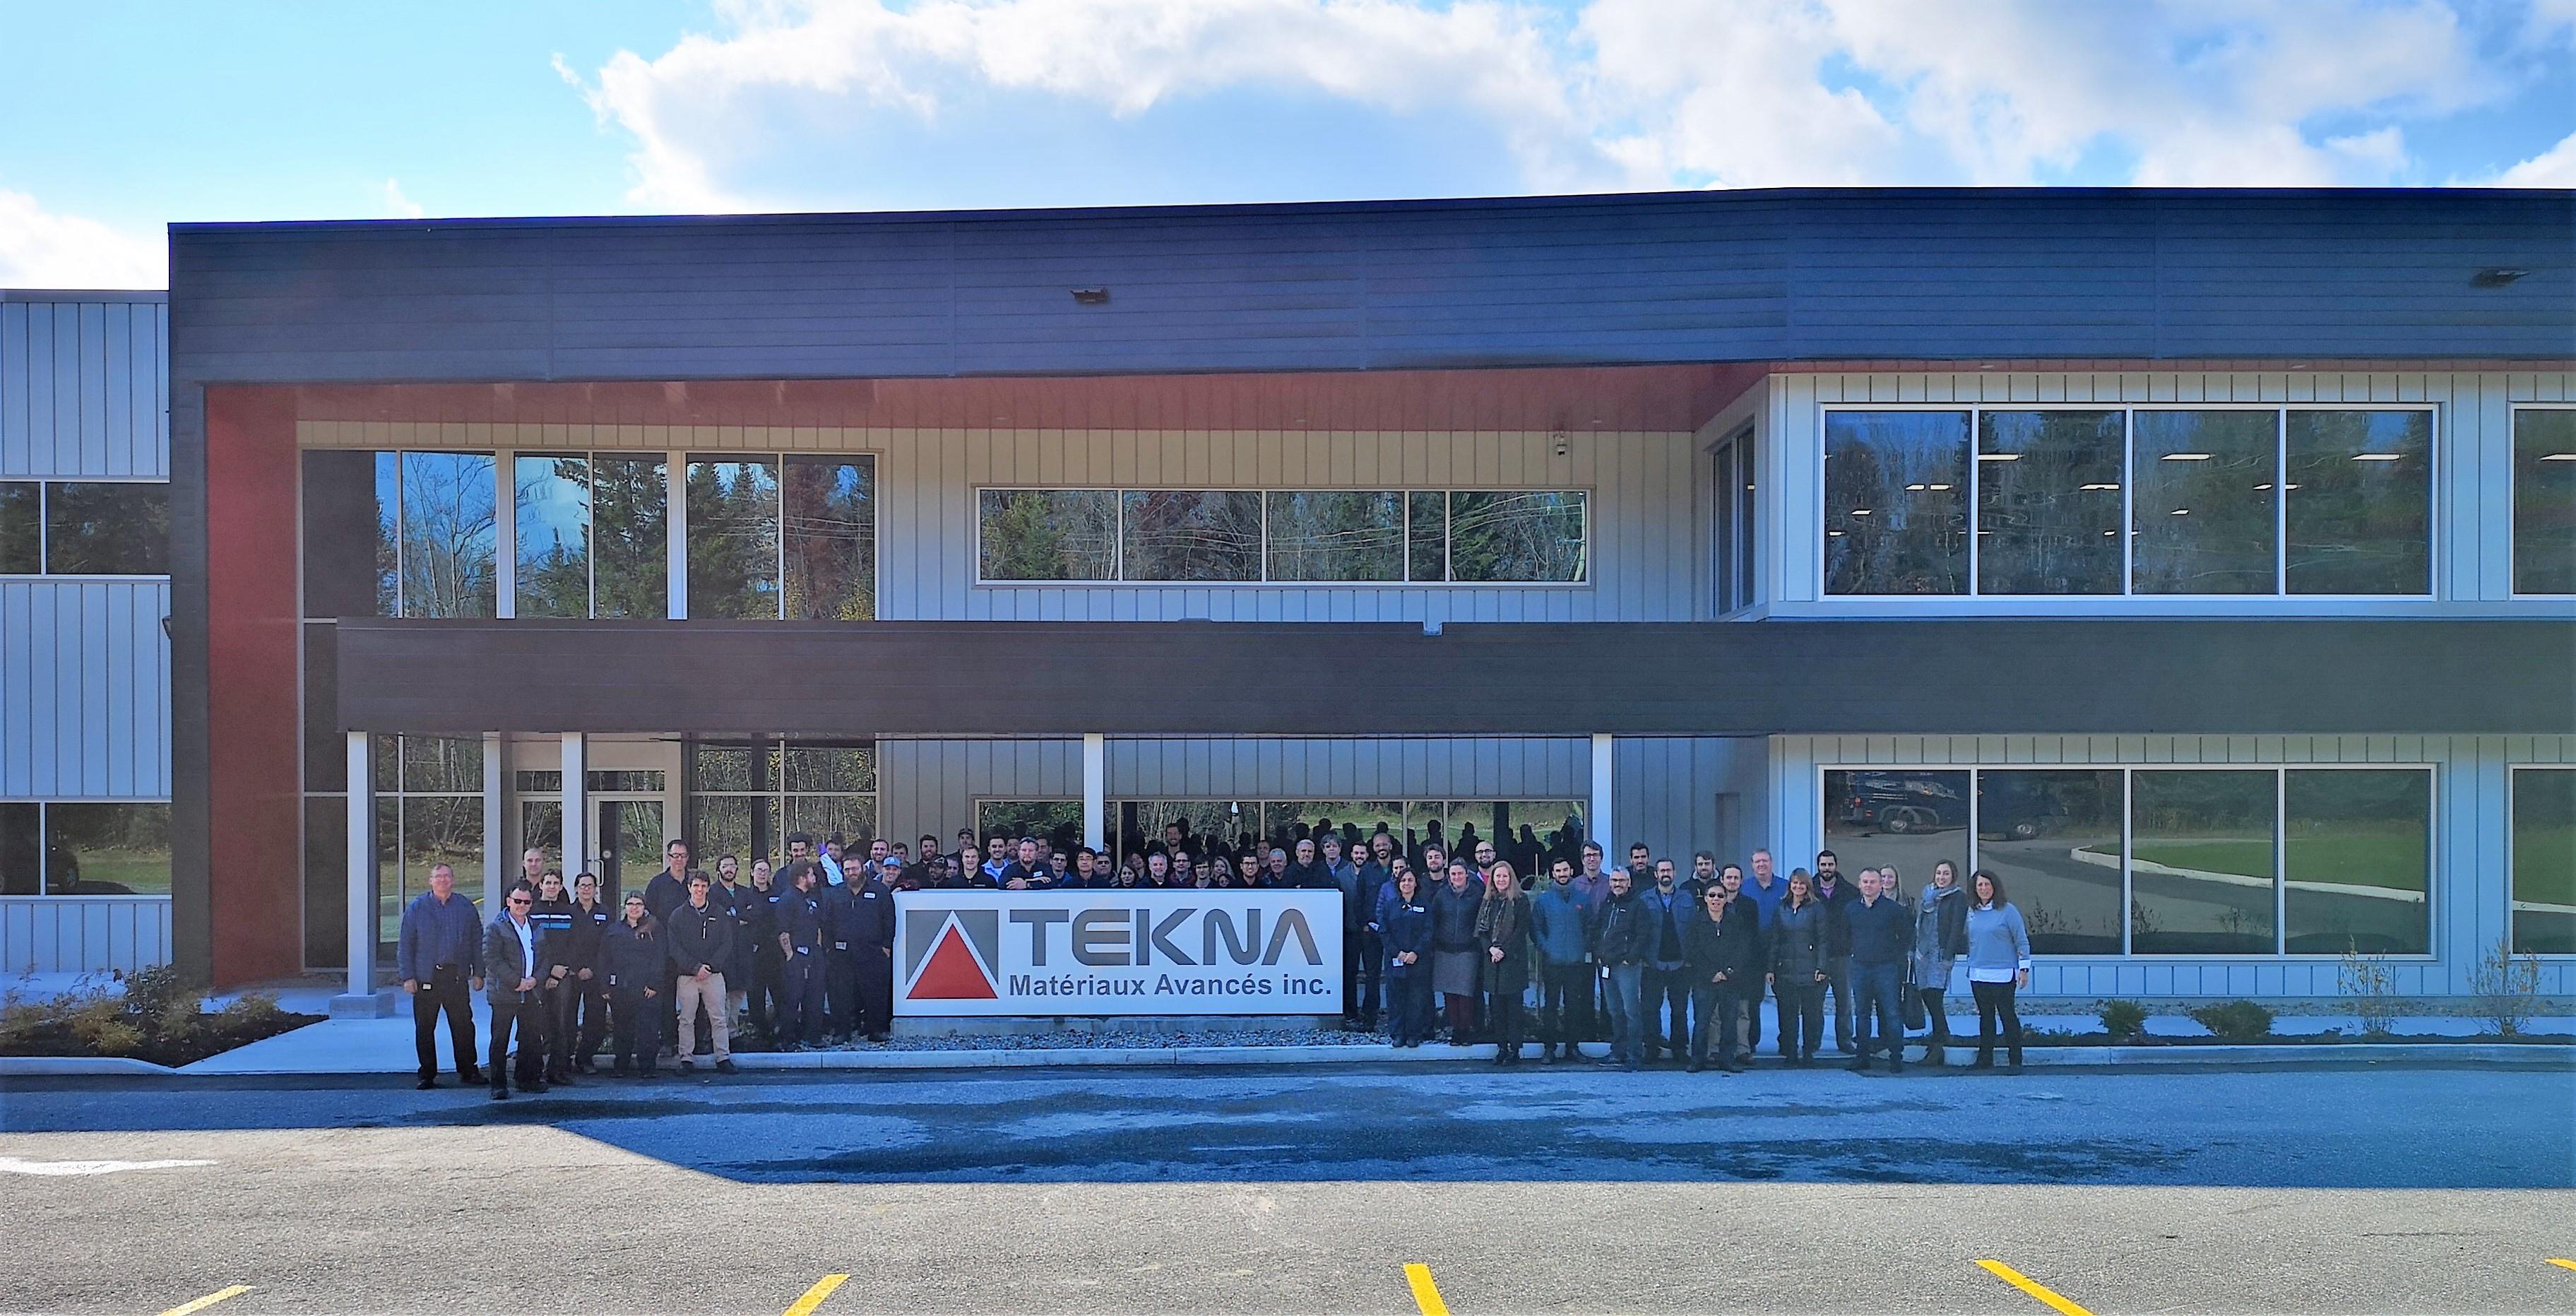 Tekna inaugure l'expansion de son usine de production de poudres métalliques.